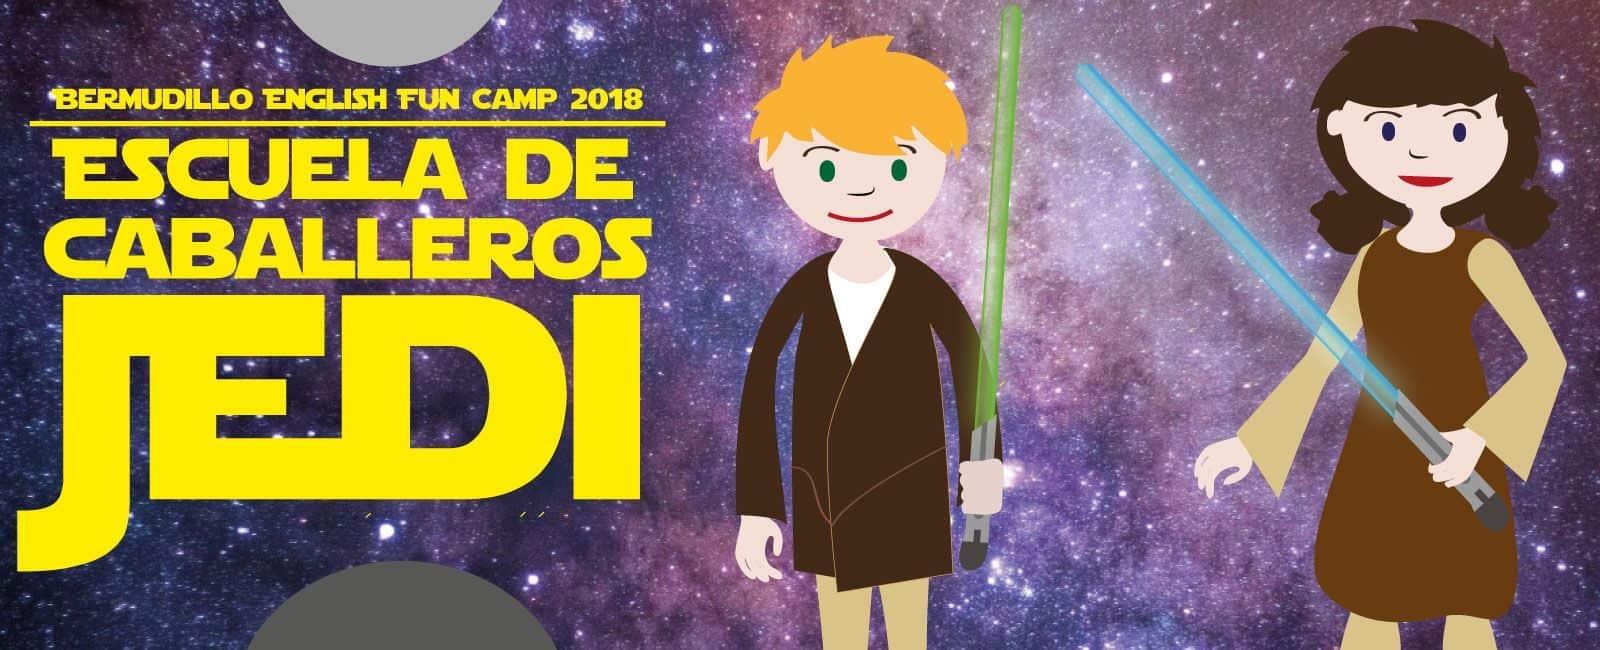 Campamento para niños Bermudillo English Fun Camp.